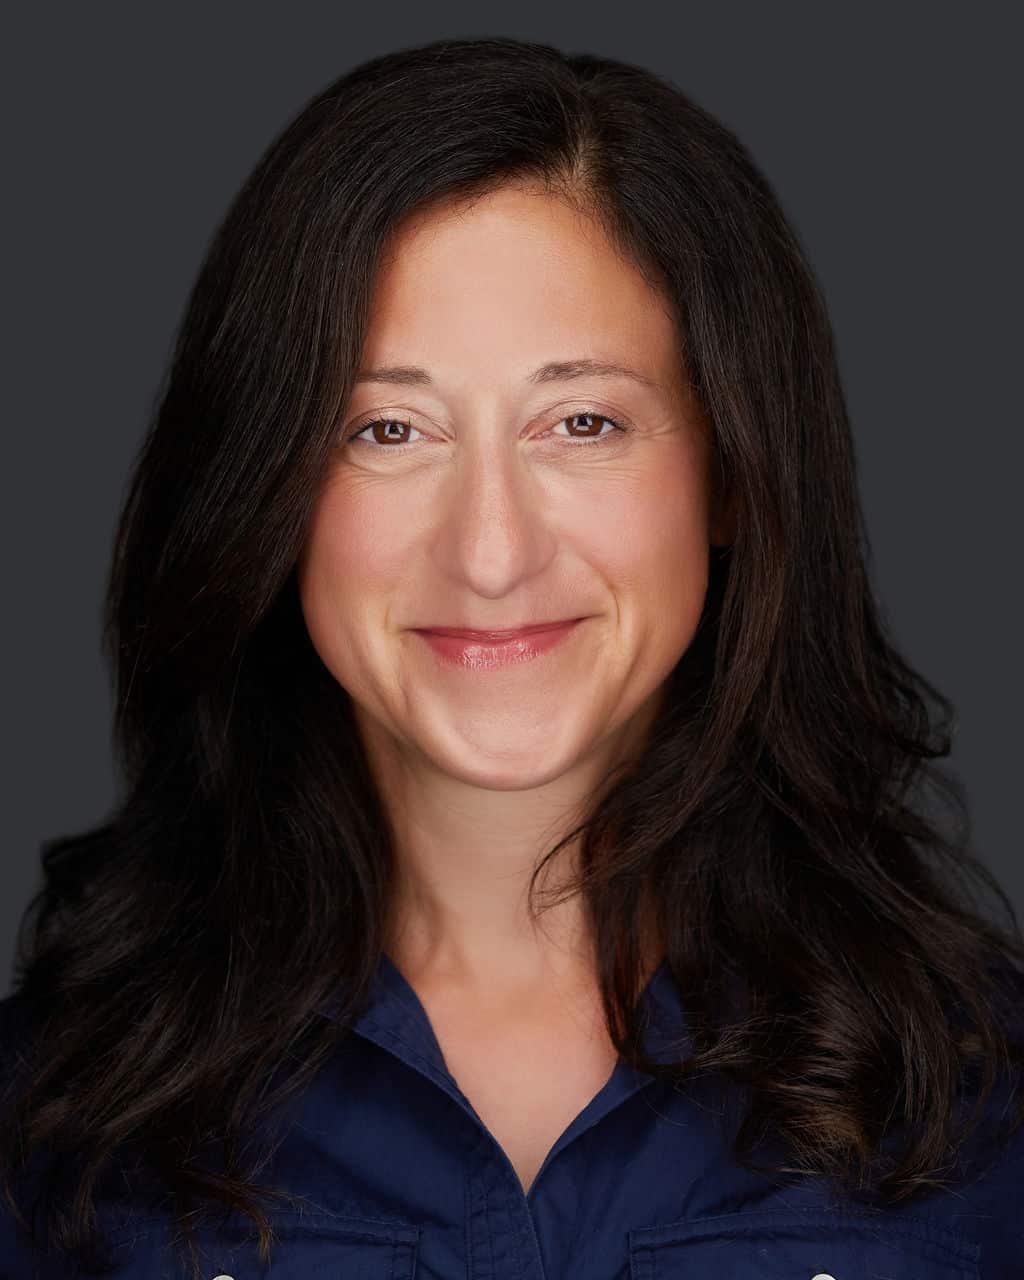 Maria Tancredi-Hogan think acupuncture